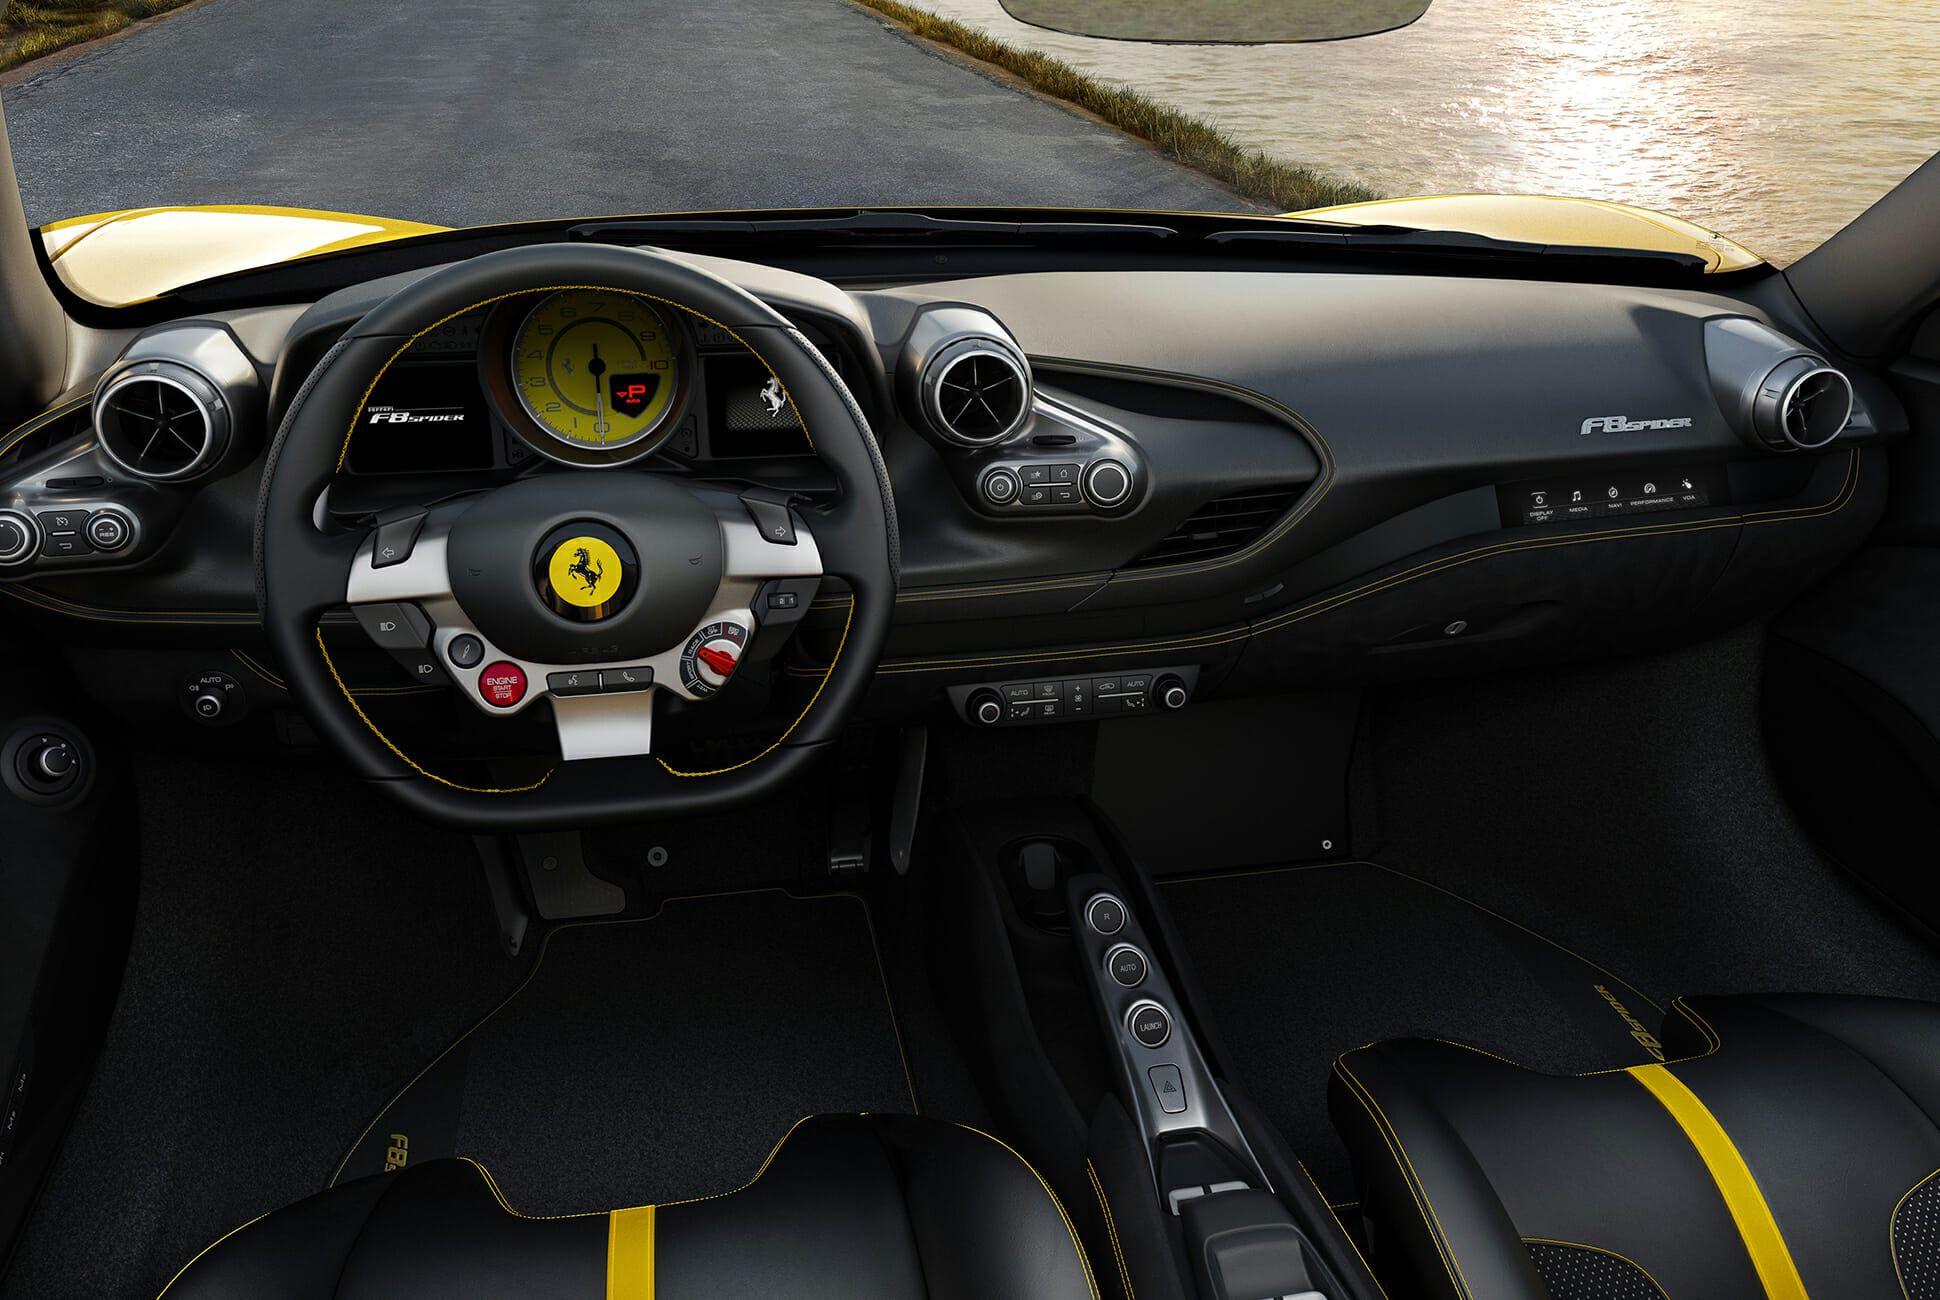 Ferrari-GTS-gear-patrol-slide-07